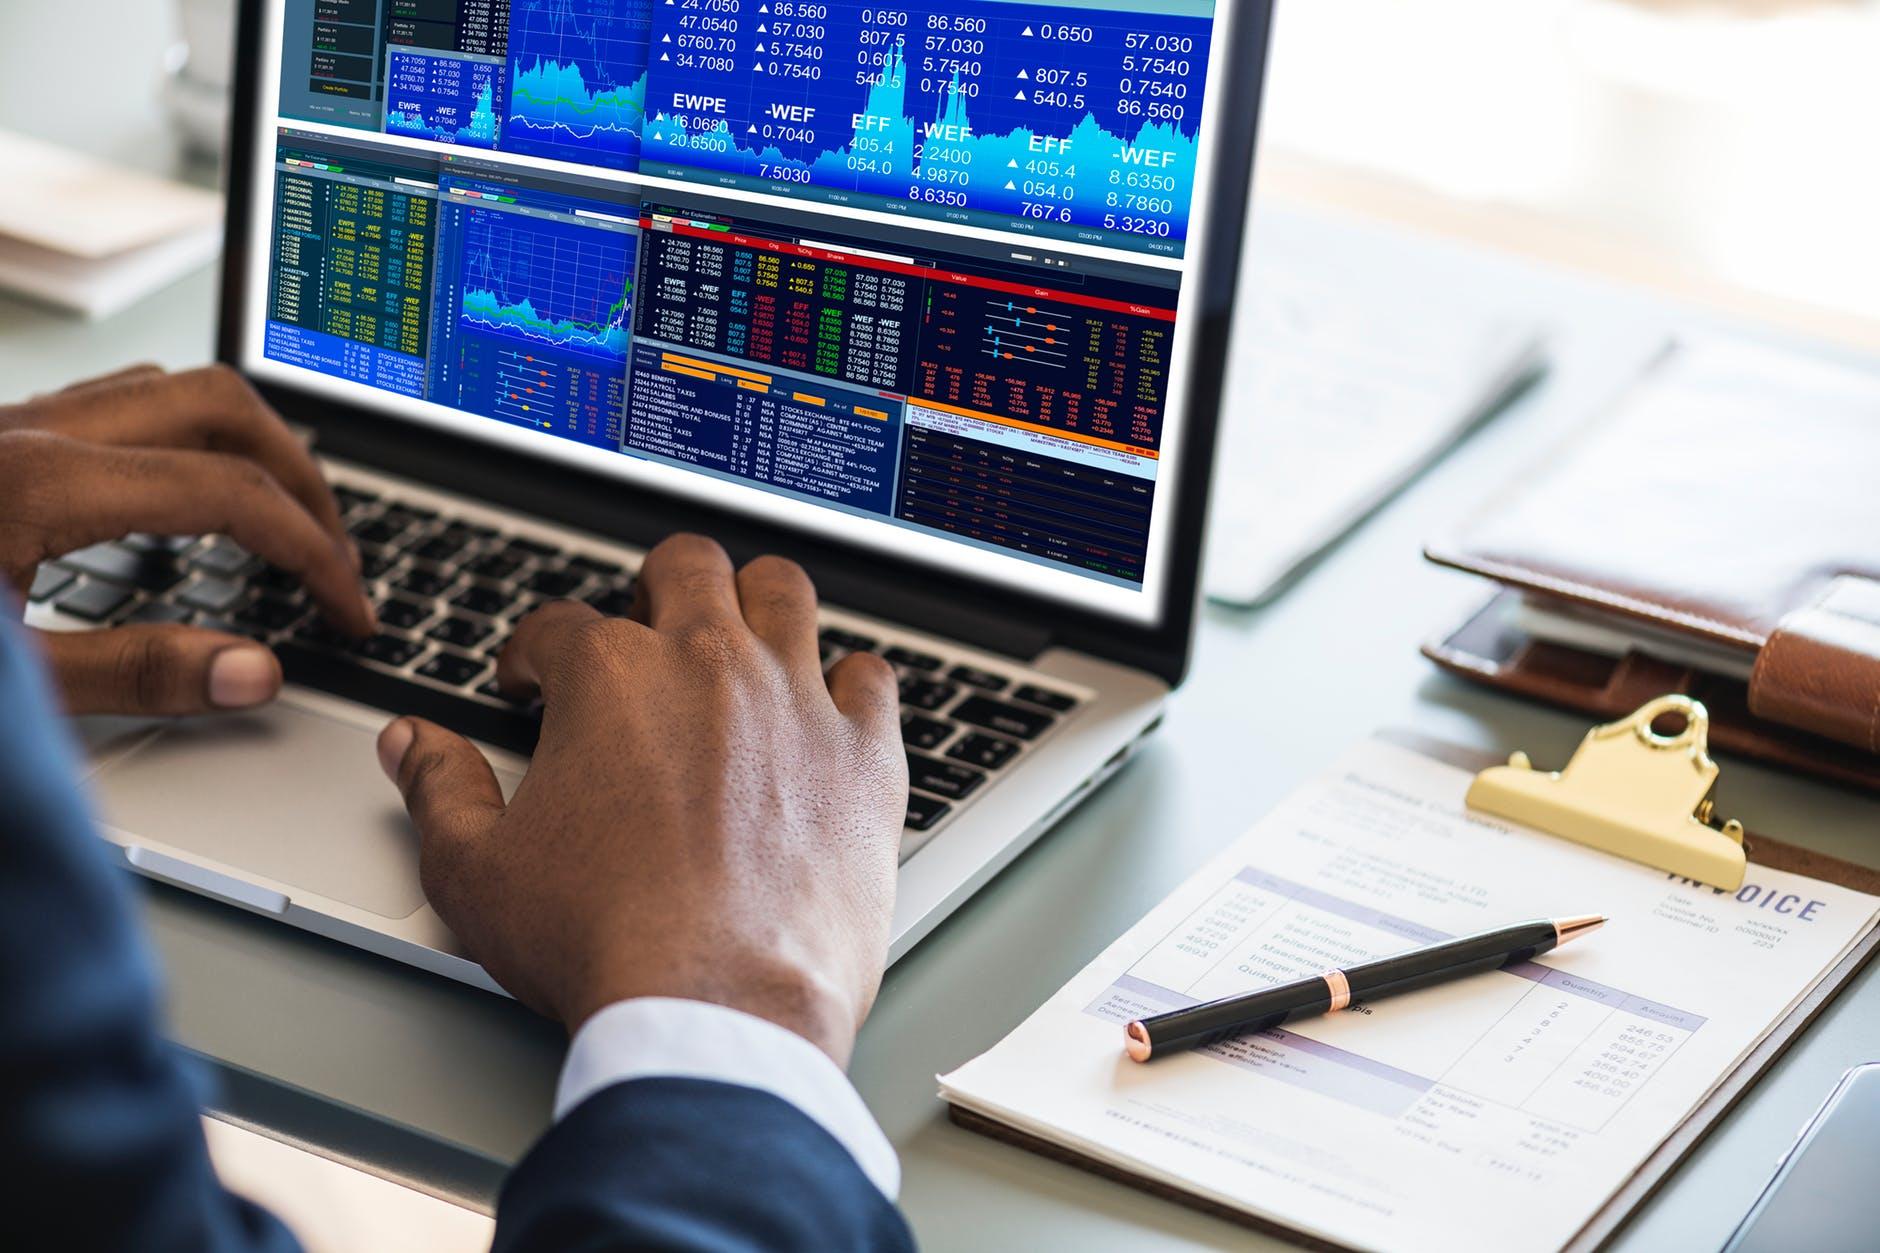 איך עובד אופיס 365 לעסקים?